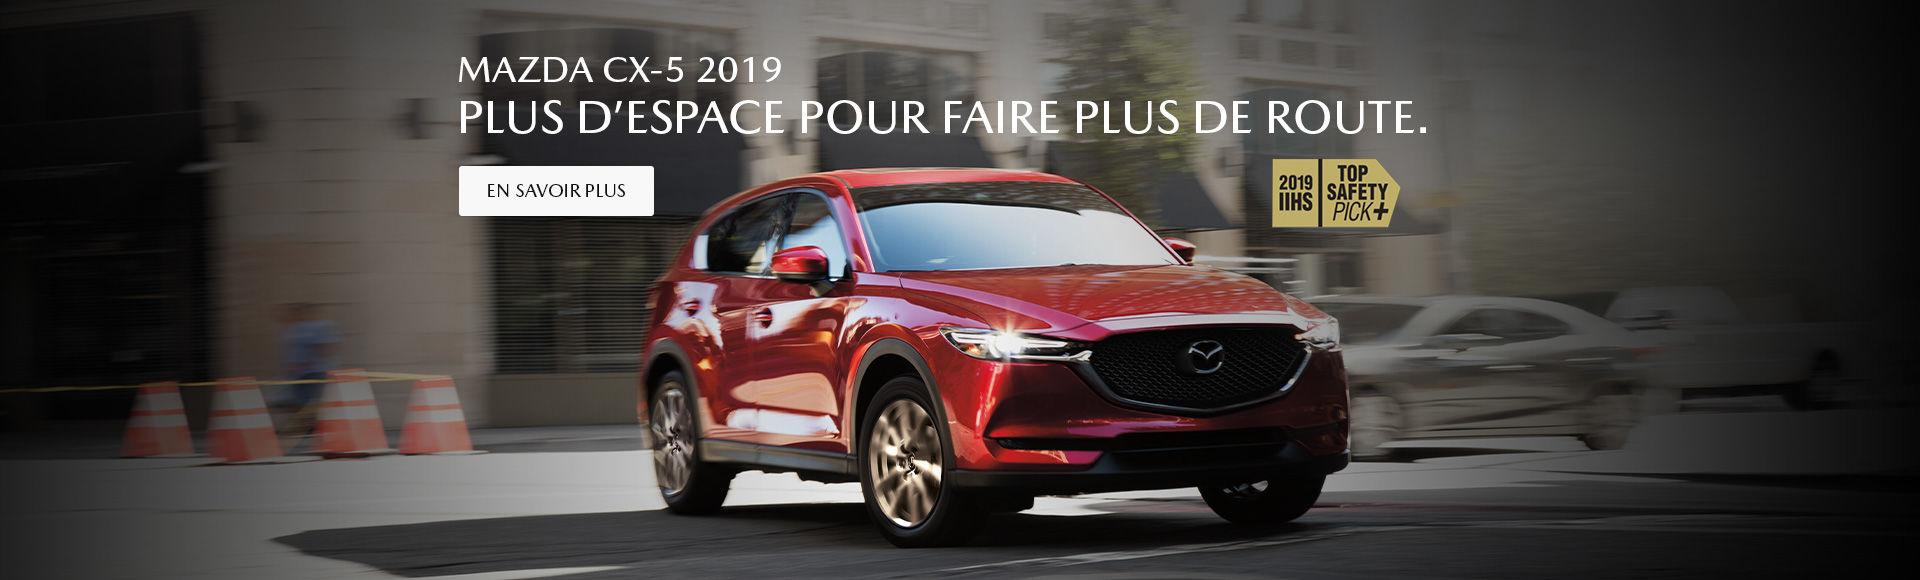 Mazda CX-5 2019 Baie-Comeau Mazda